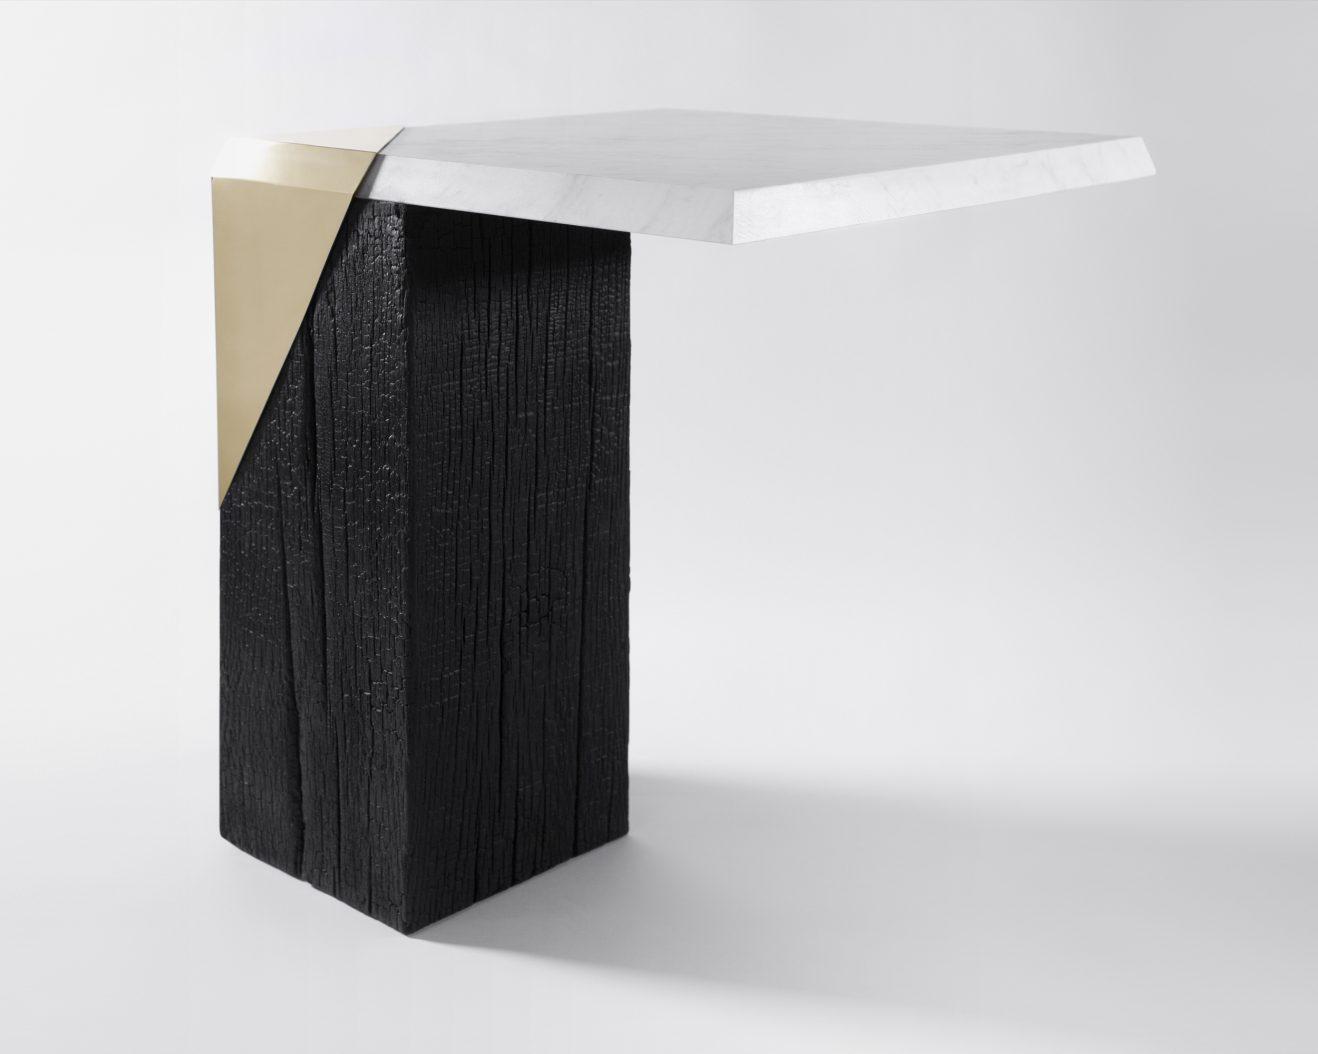 Vathro-Gueridon-2-Horme-Design-Savannah-Bay